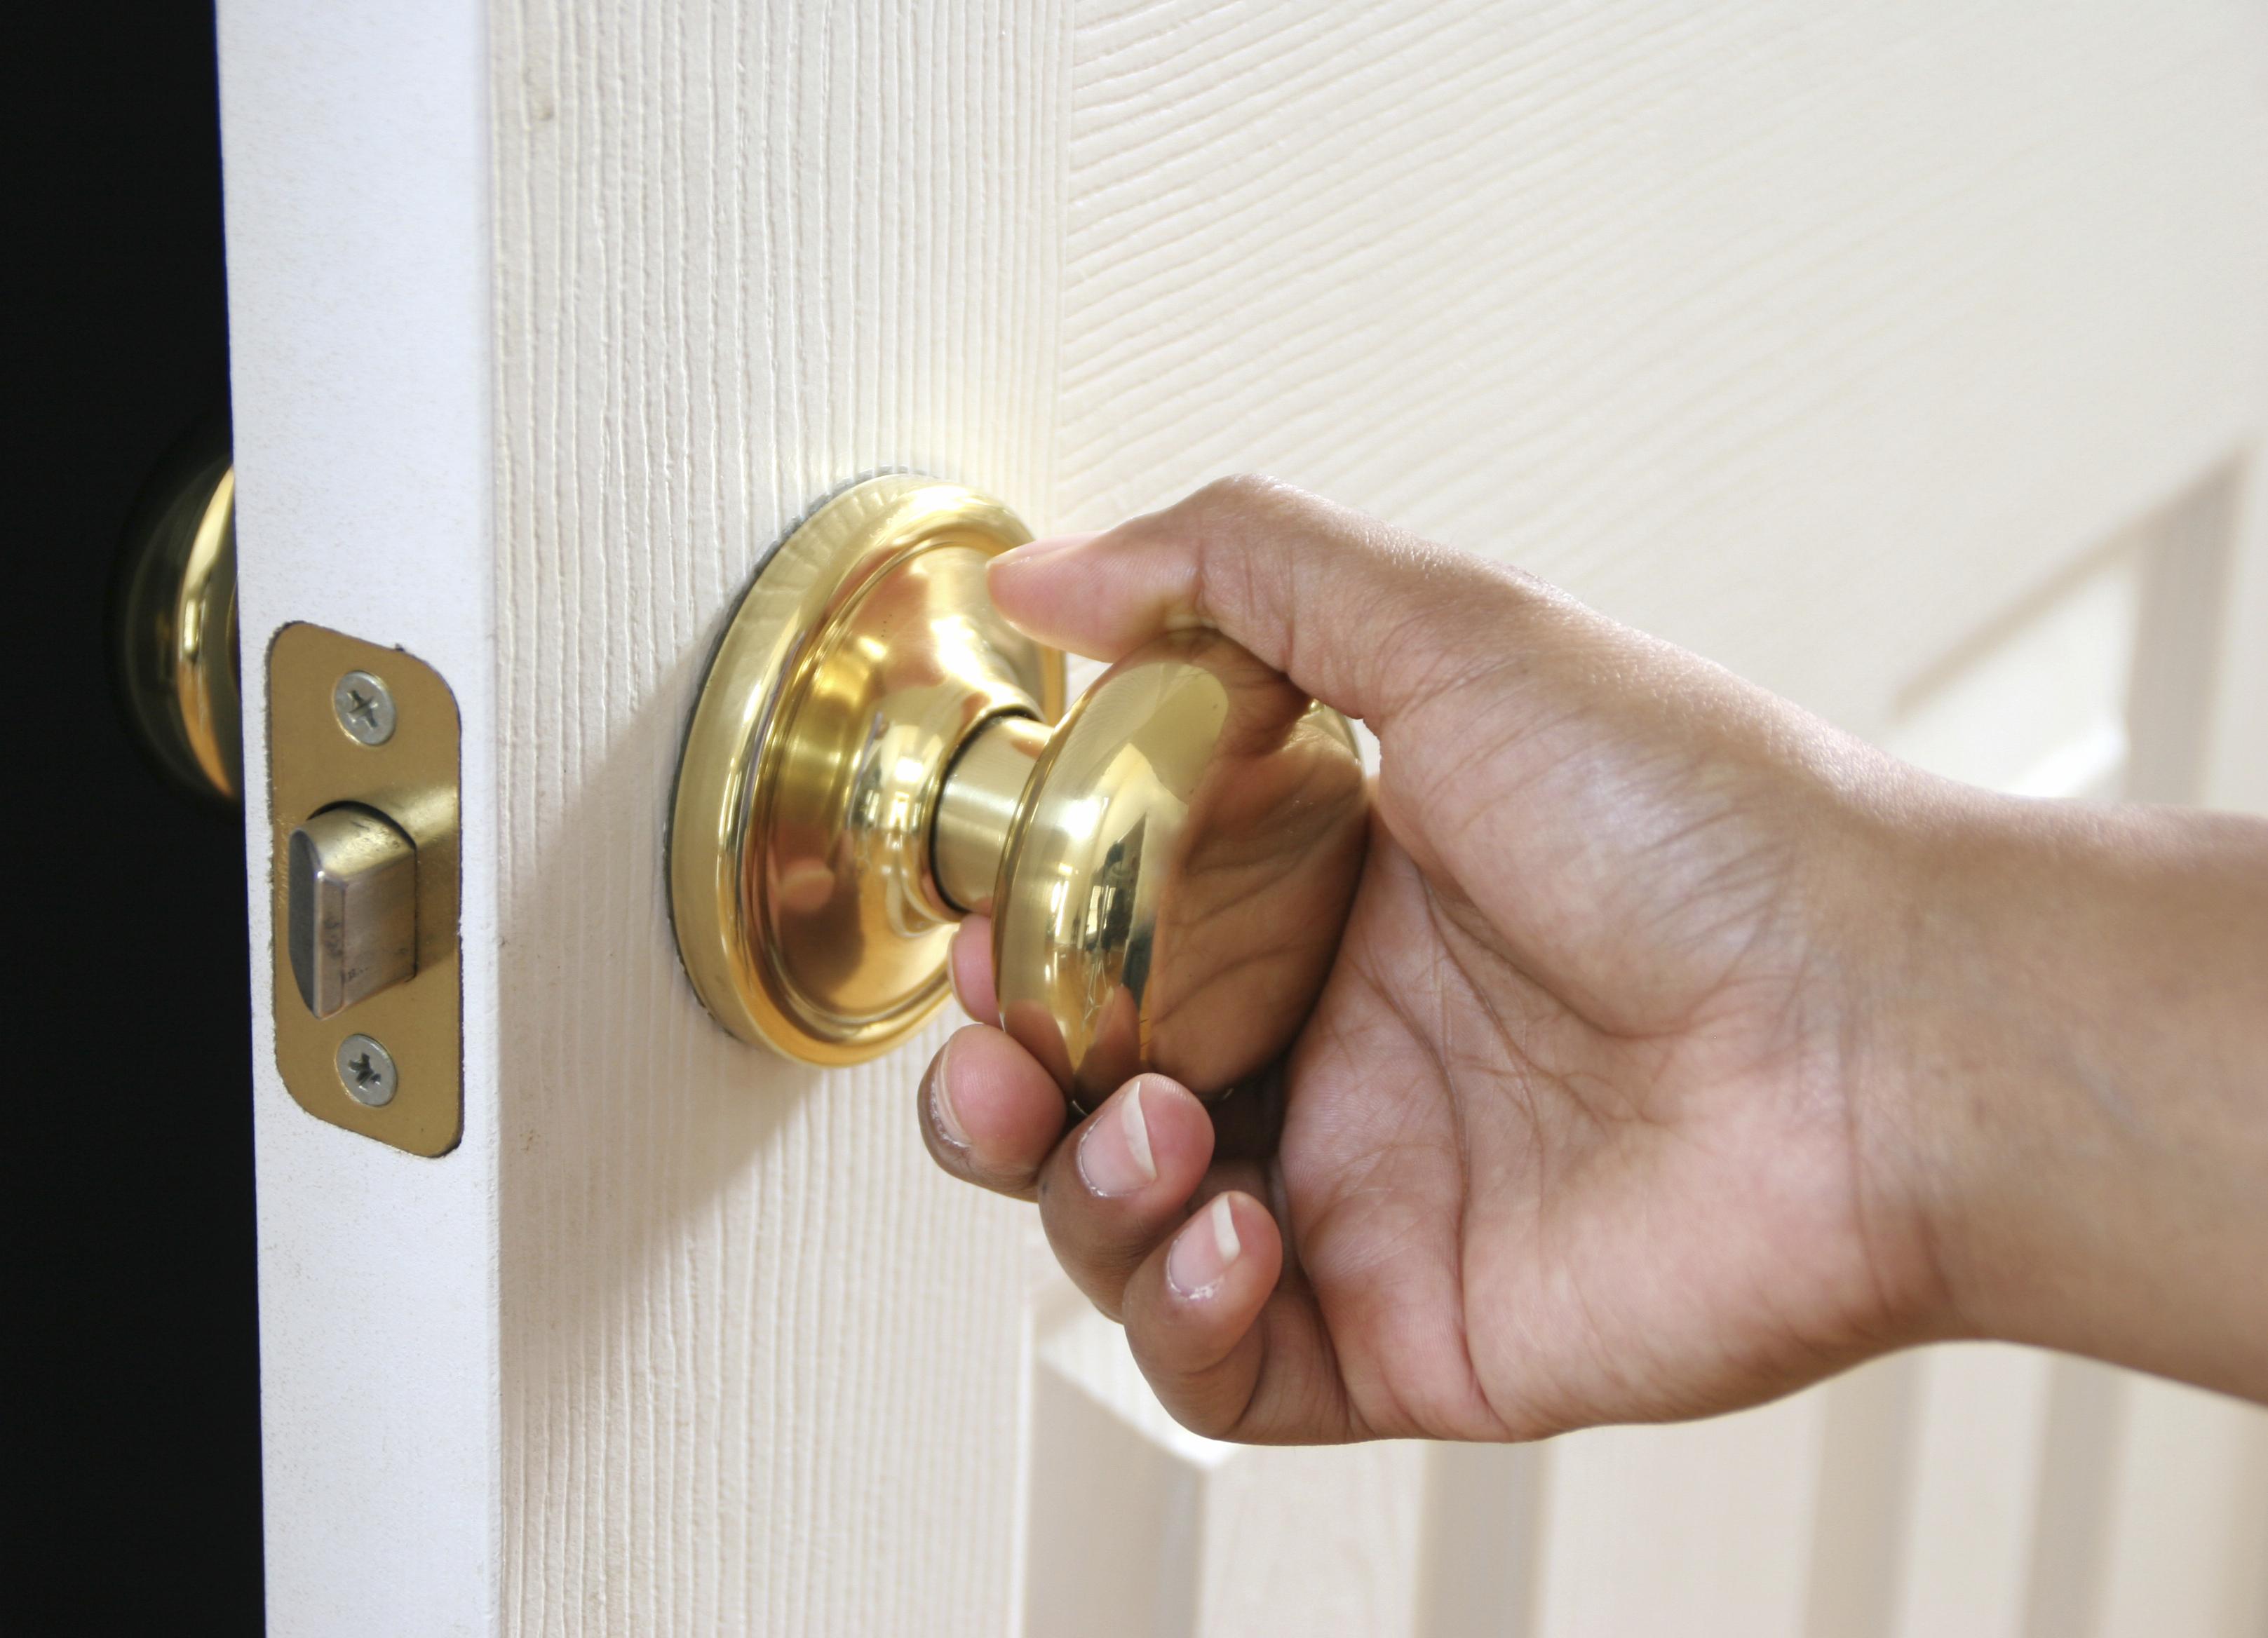 Squeaky Doorknob